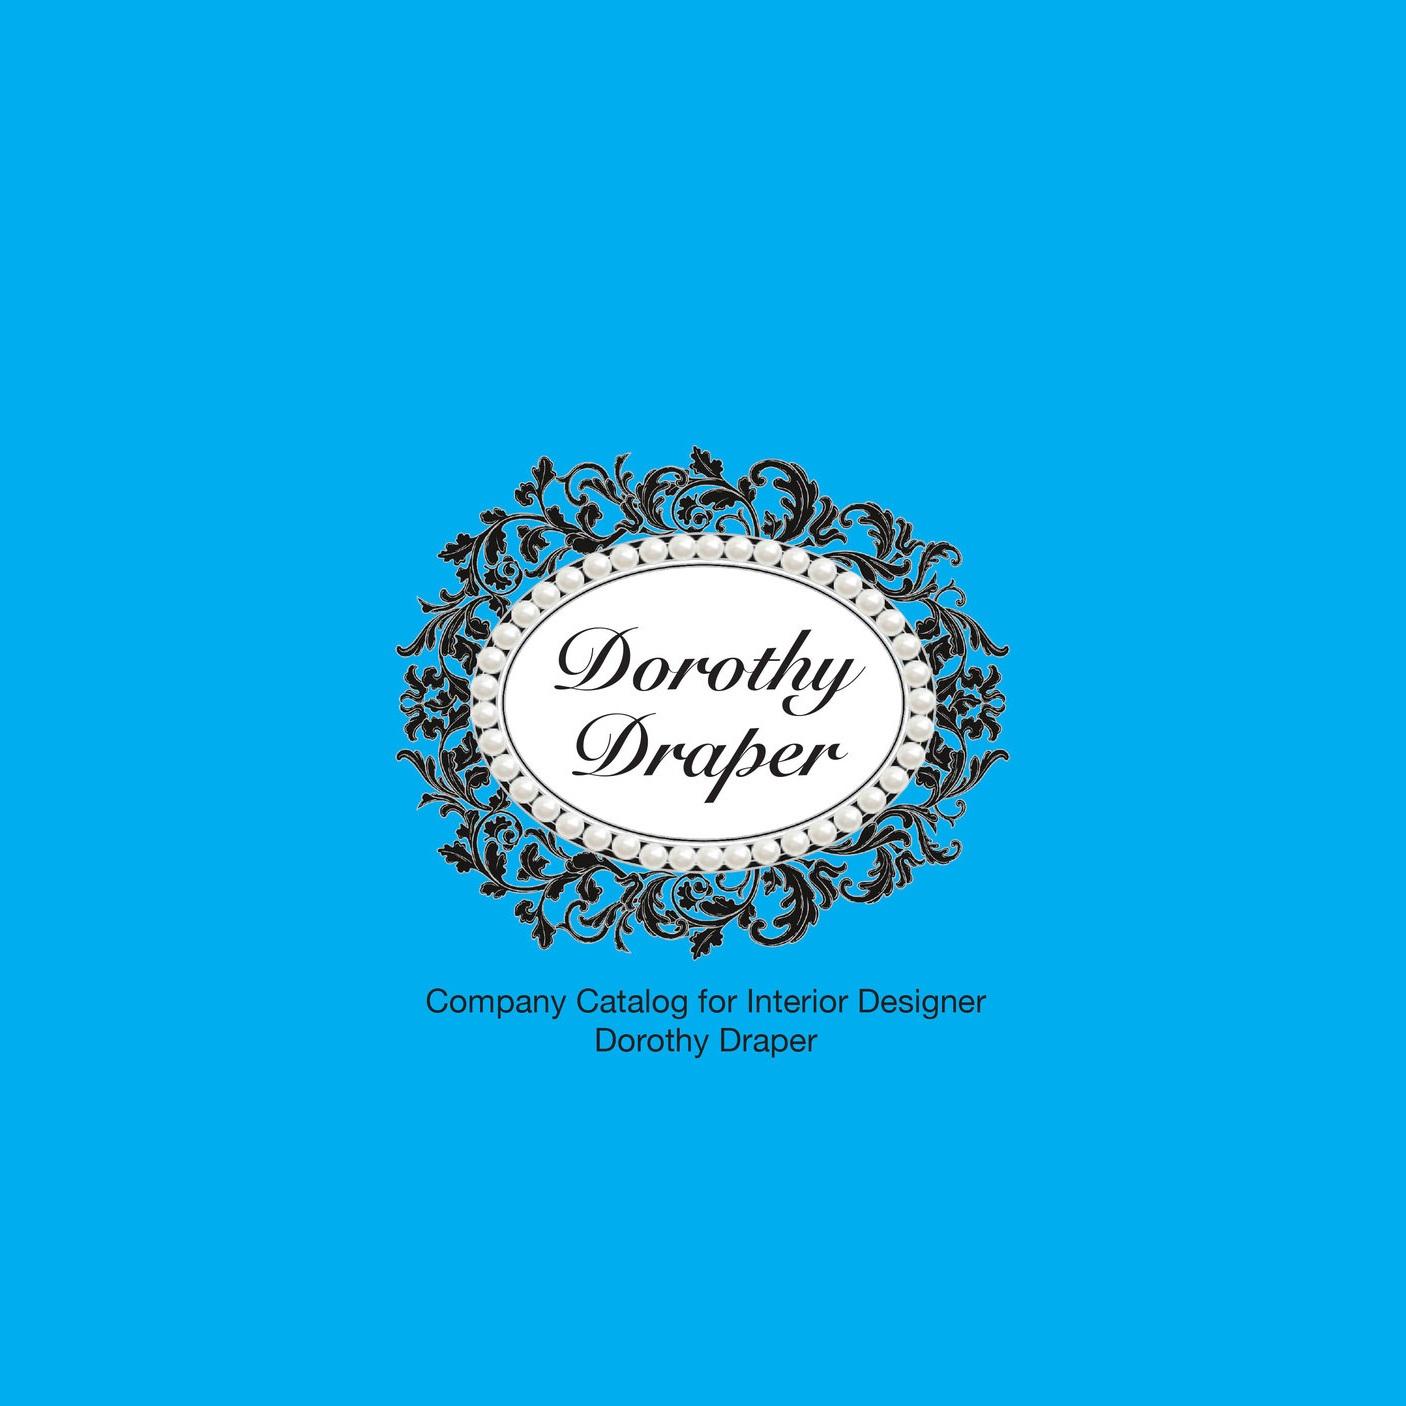 Dorothy Draper:  Company Catalog